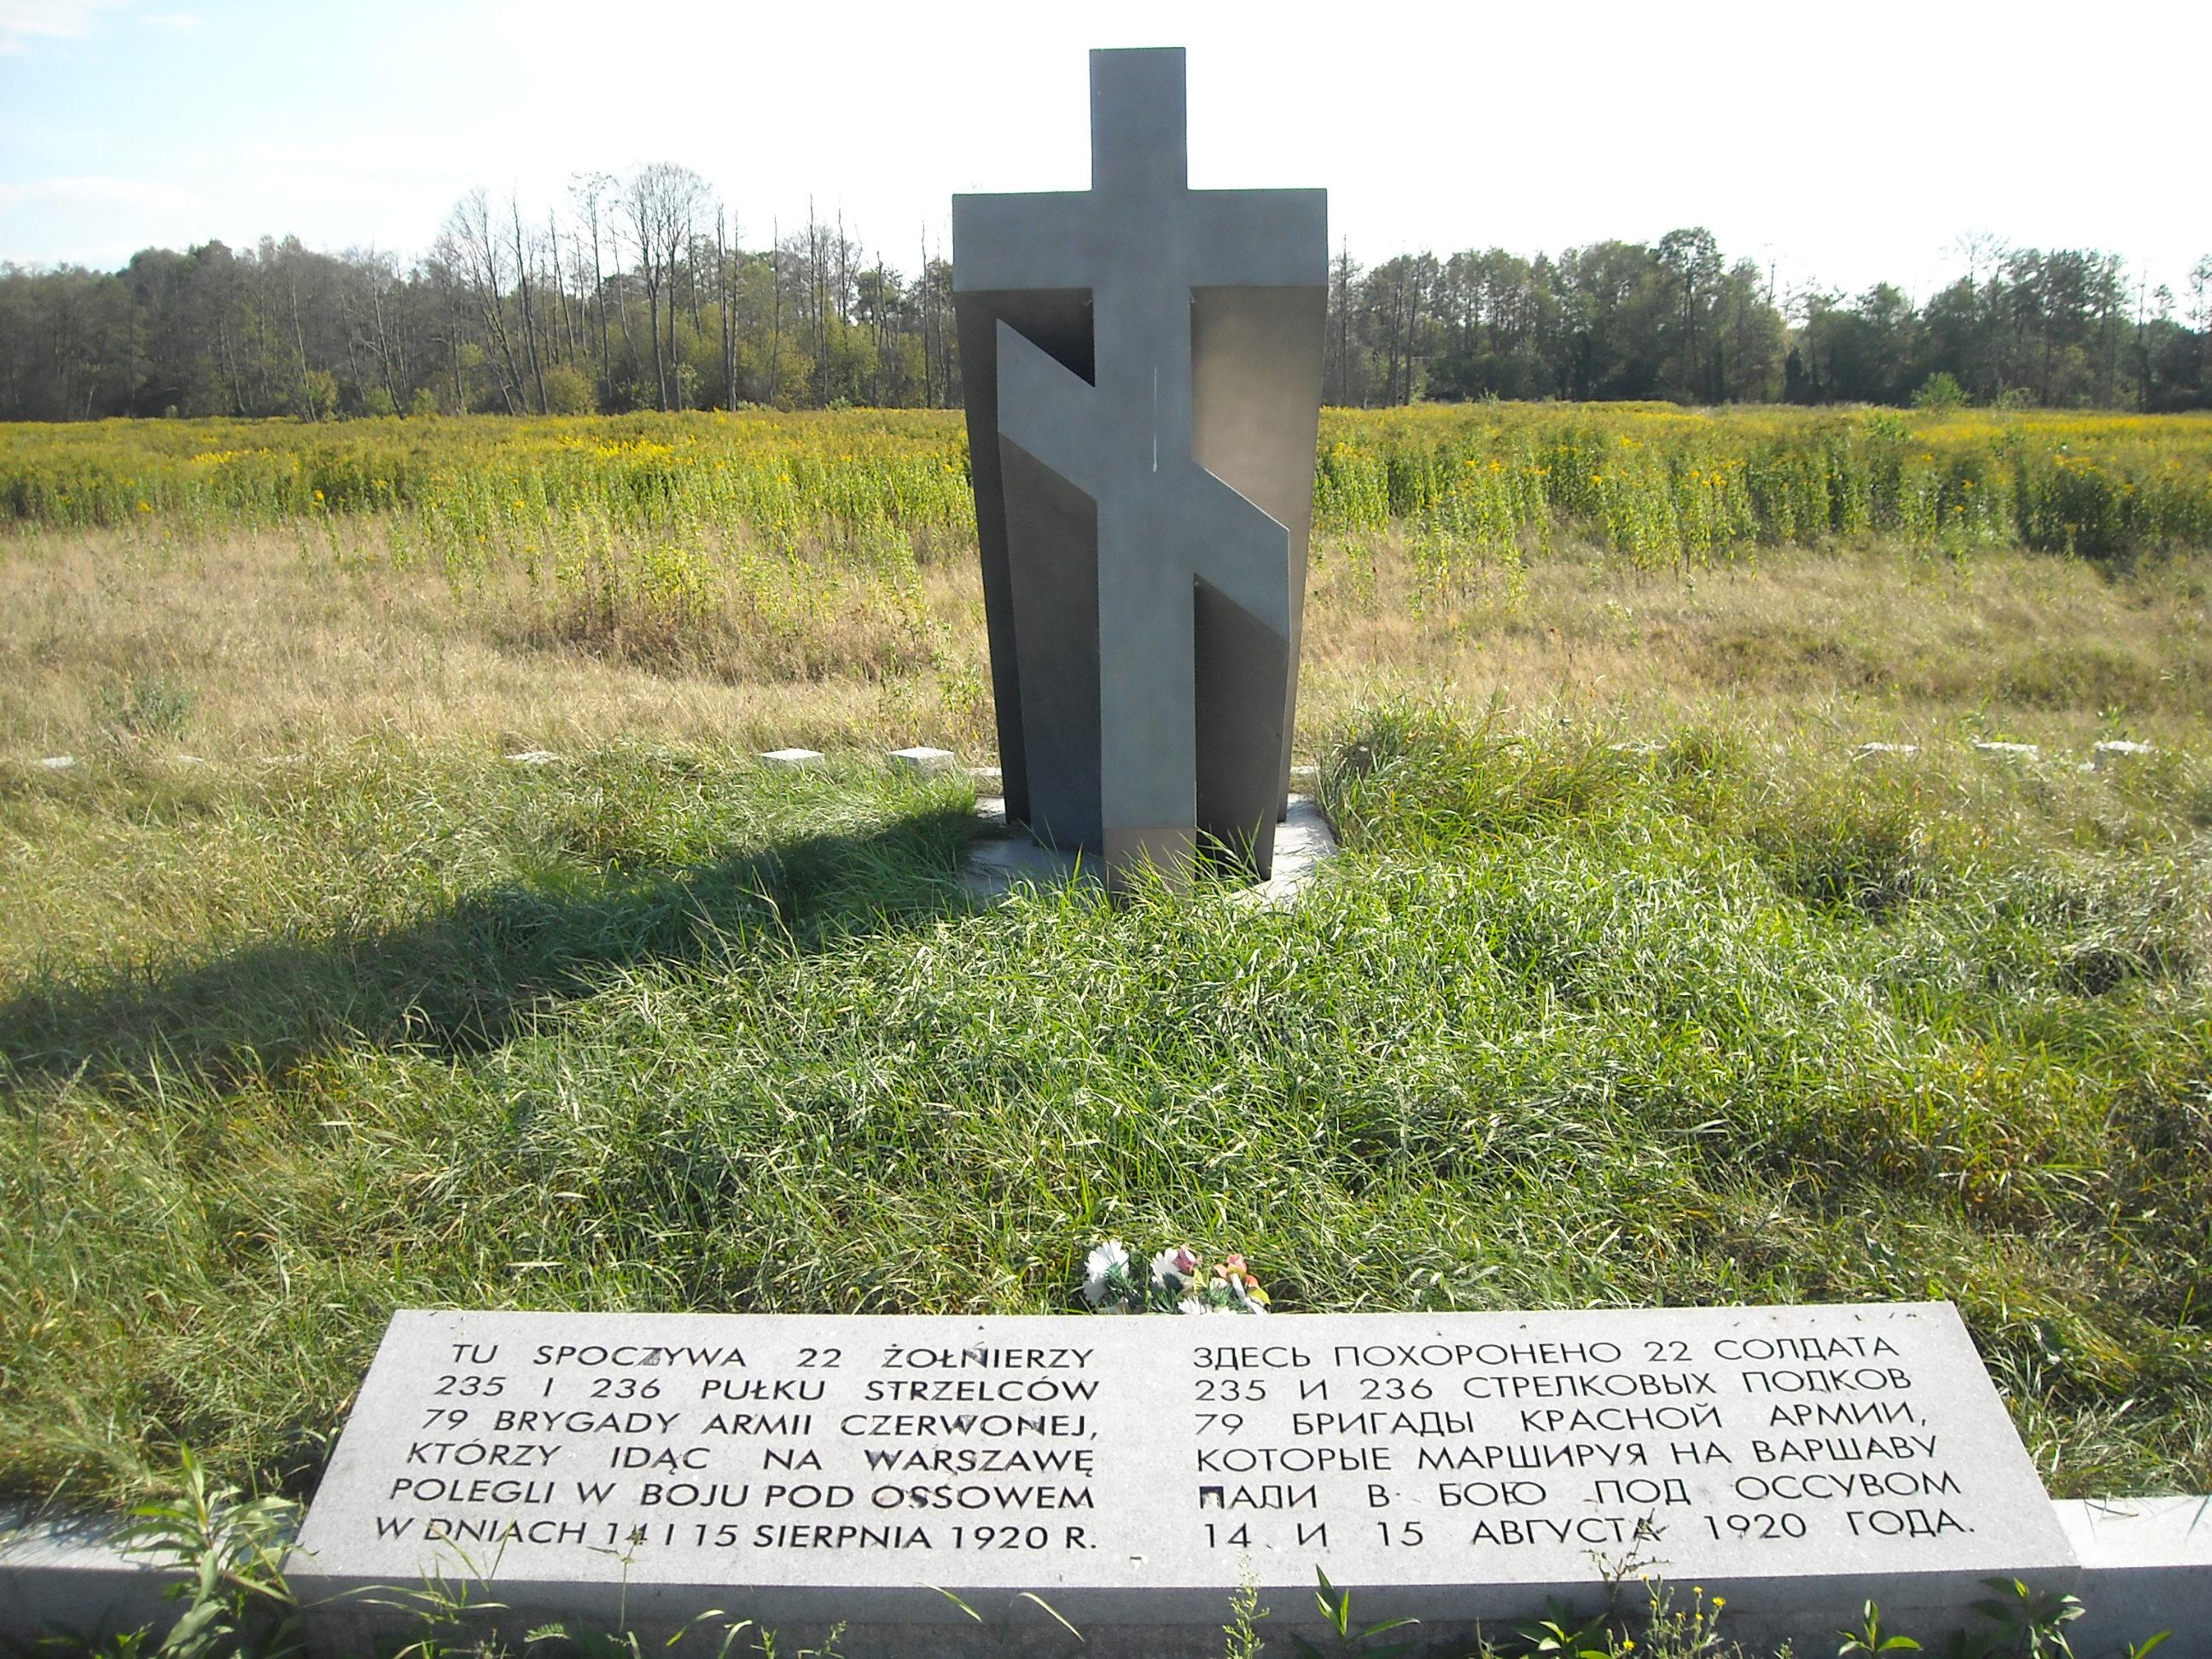 Pomnik_nagrobny_%C5%BCo%C5%82nierzy_bolszewickich_w_Ossowie.JPG